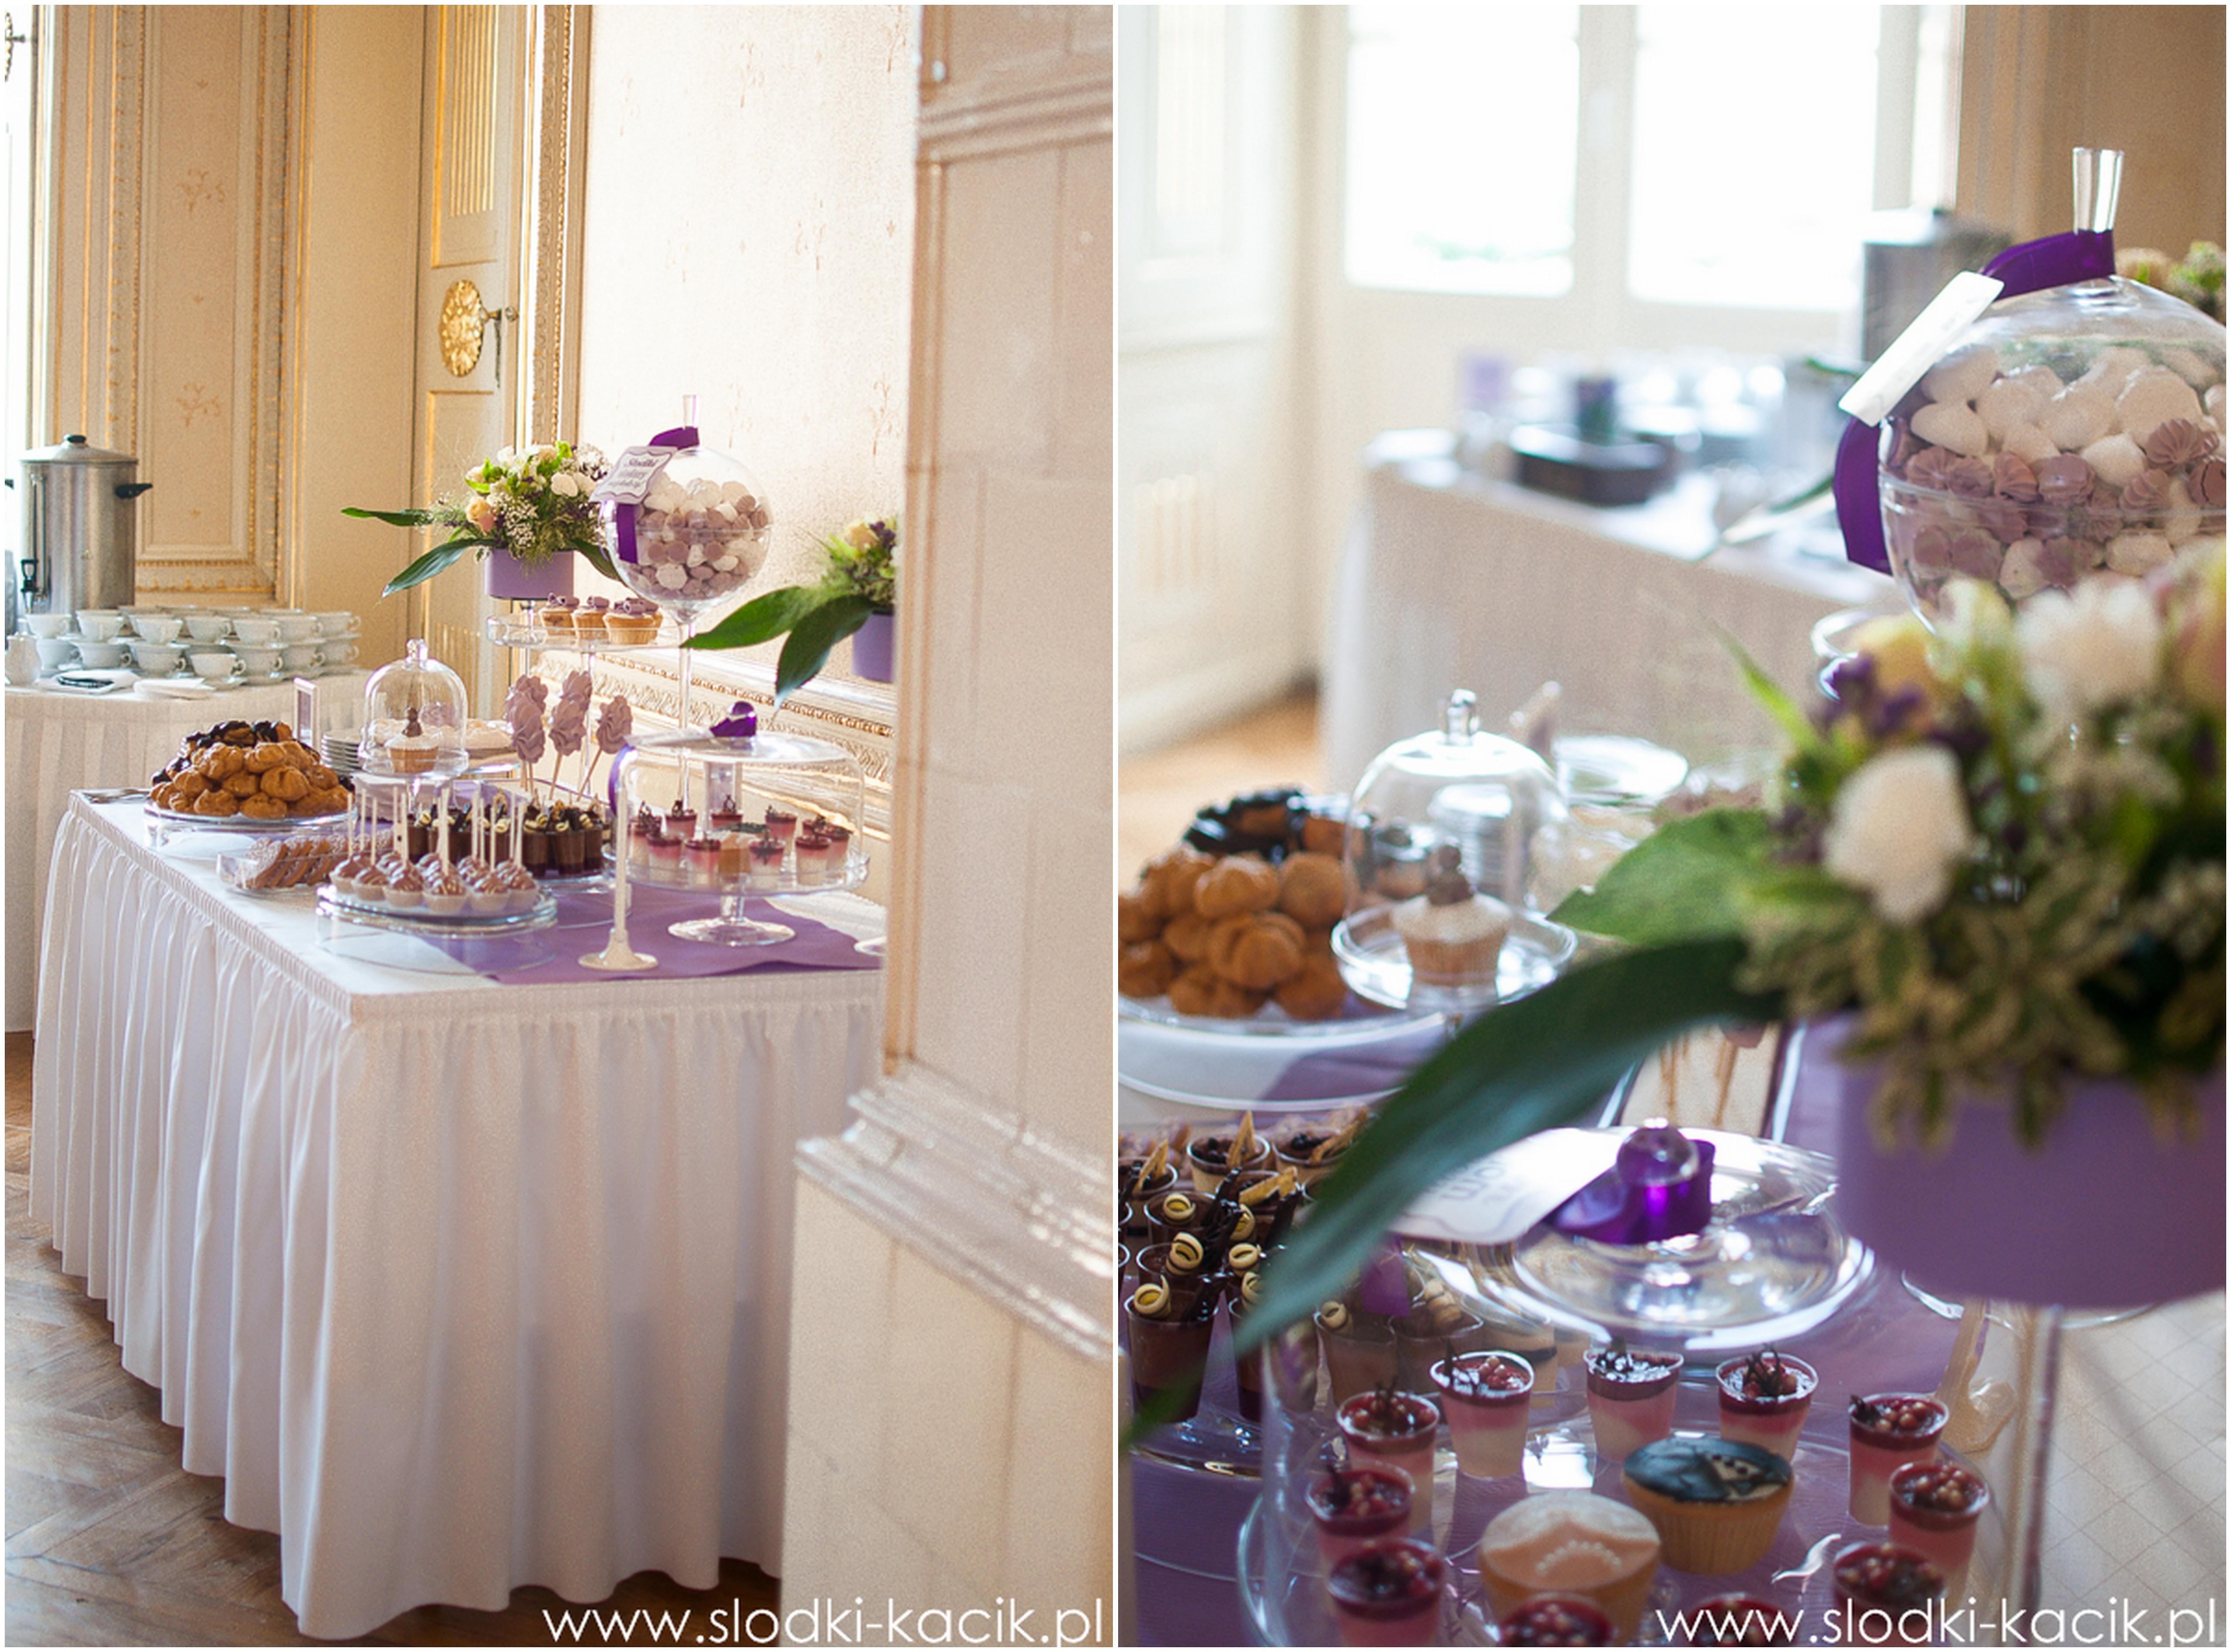 Słodki Kącik lawenda, słodki stół, słodki bufet, candy bar, tort weselny, ciasto wesele, ślub, pavlova, ciasteczka, słodycze, lizaki, buteleczki, cakepop, cupcake,  popcorn (7)